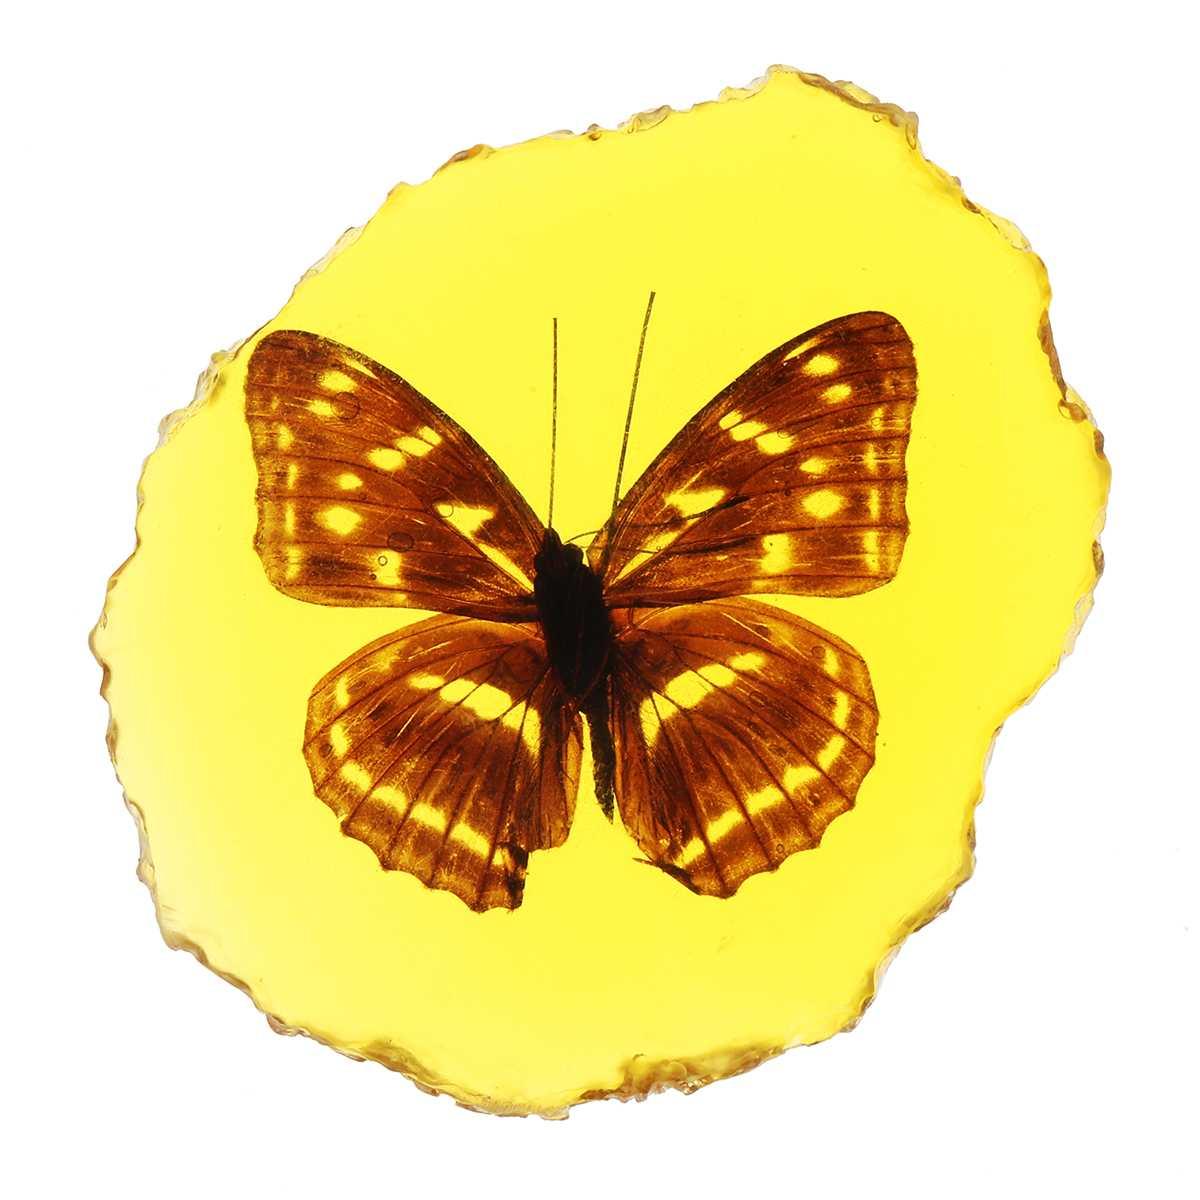 Натуральный Янтарный Стрекоза Скорпион бабочка геккон насекомое ручной полировки украшения DIY Орнамент Ремесло подарок для дома - Цвет: Butterfly